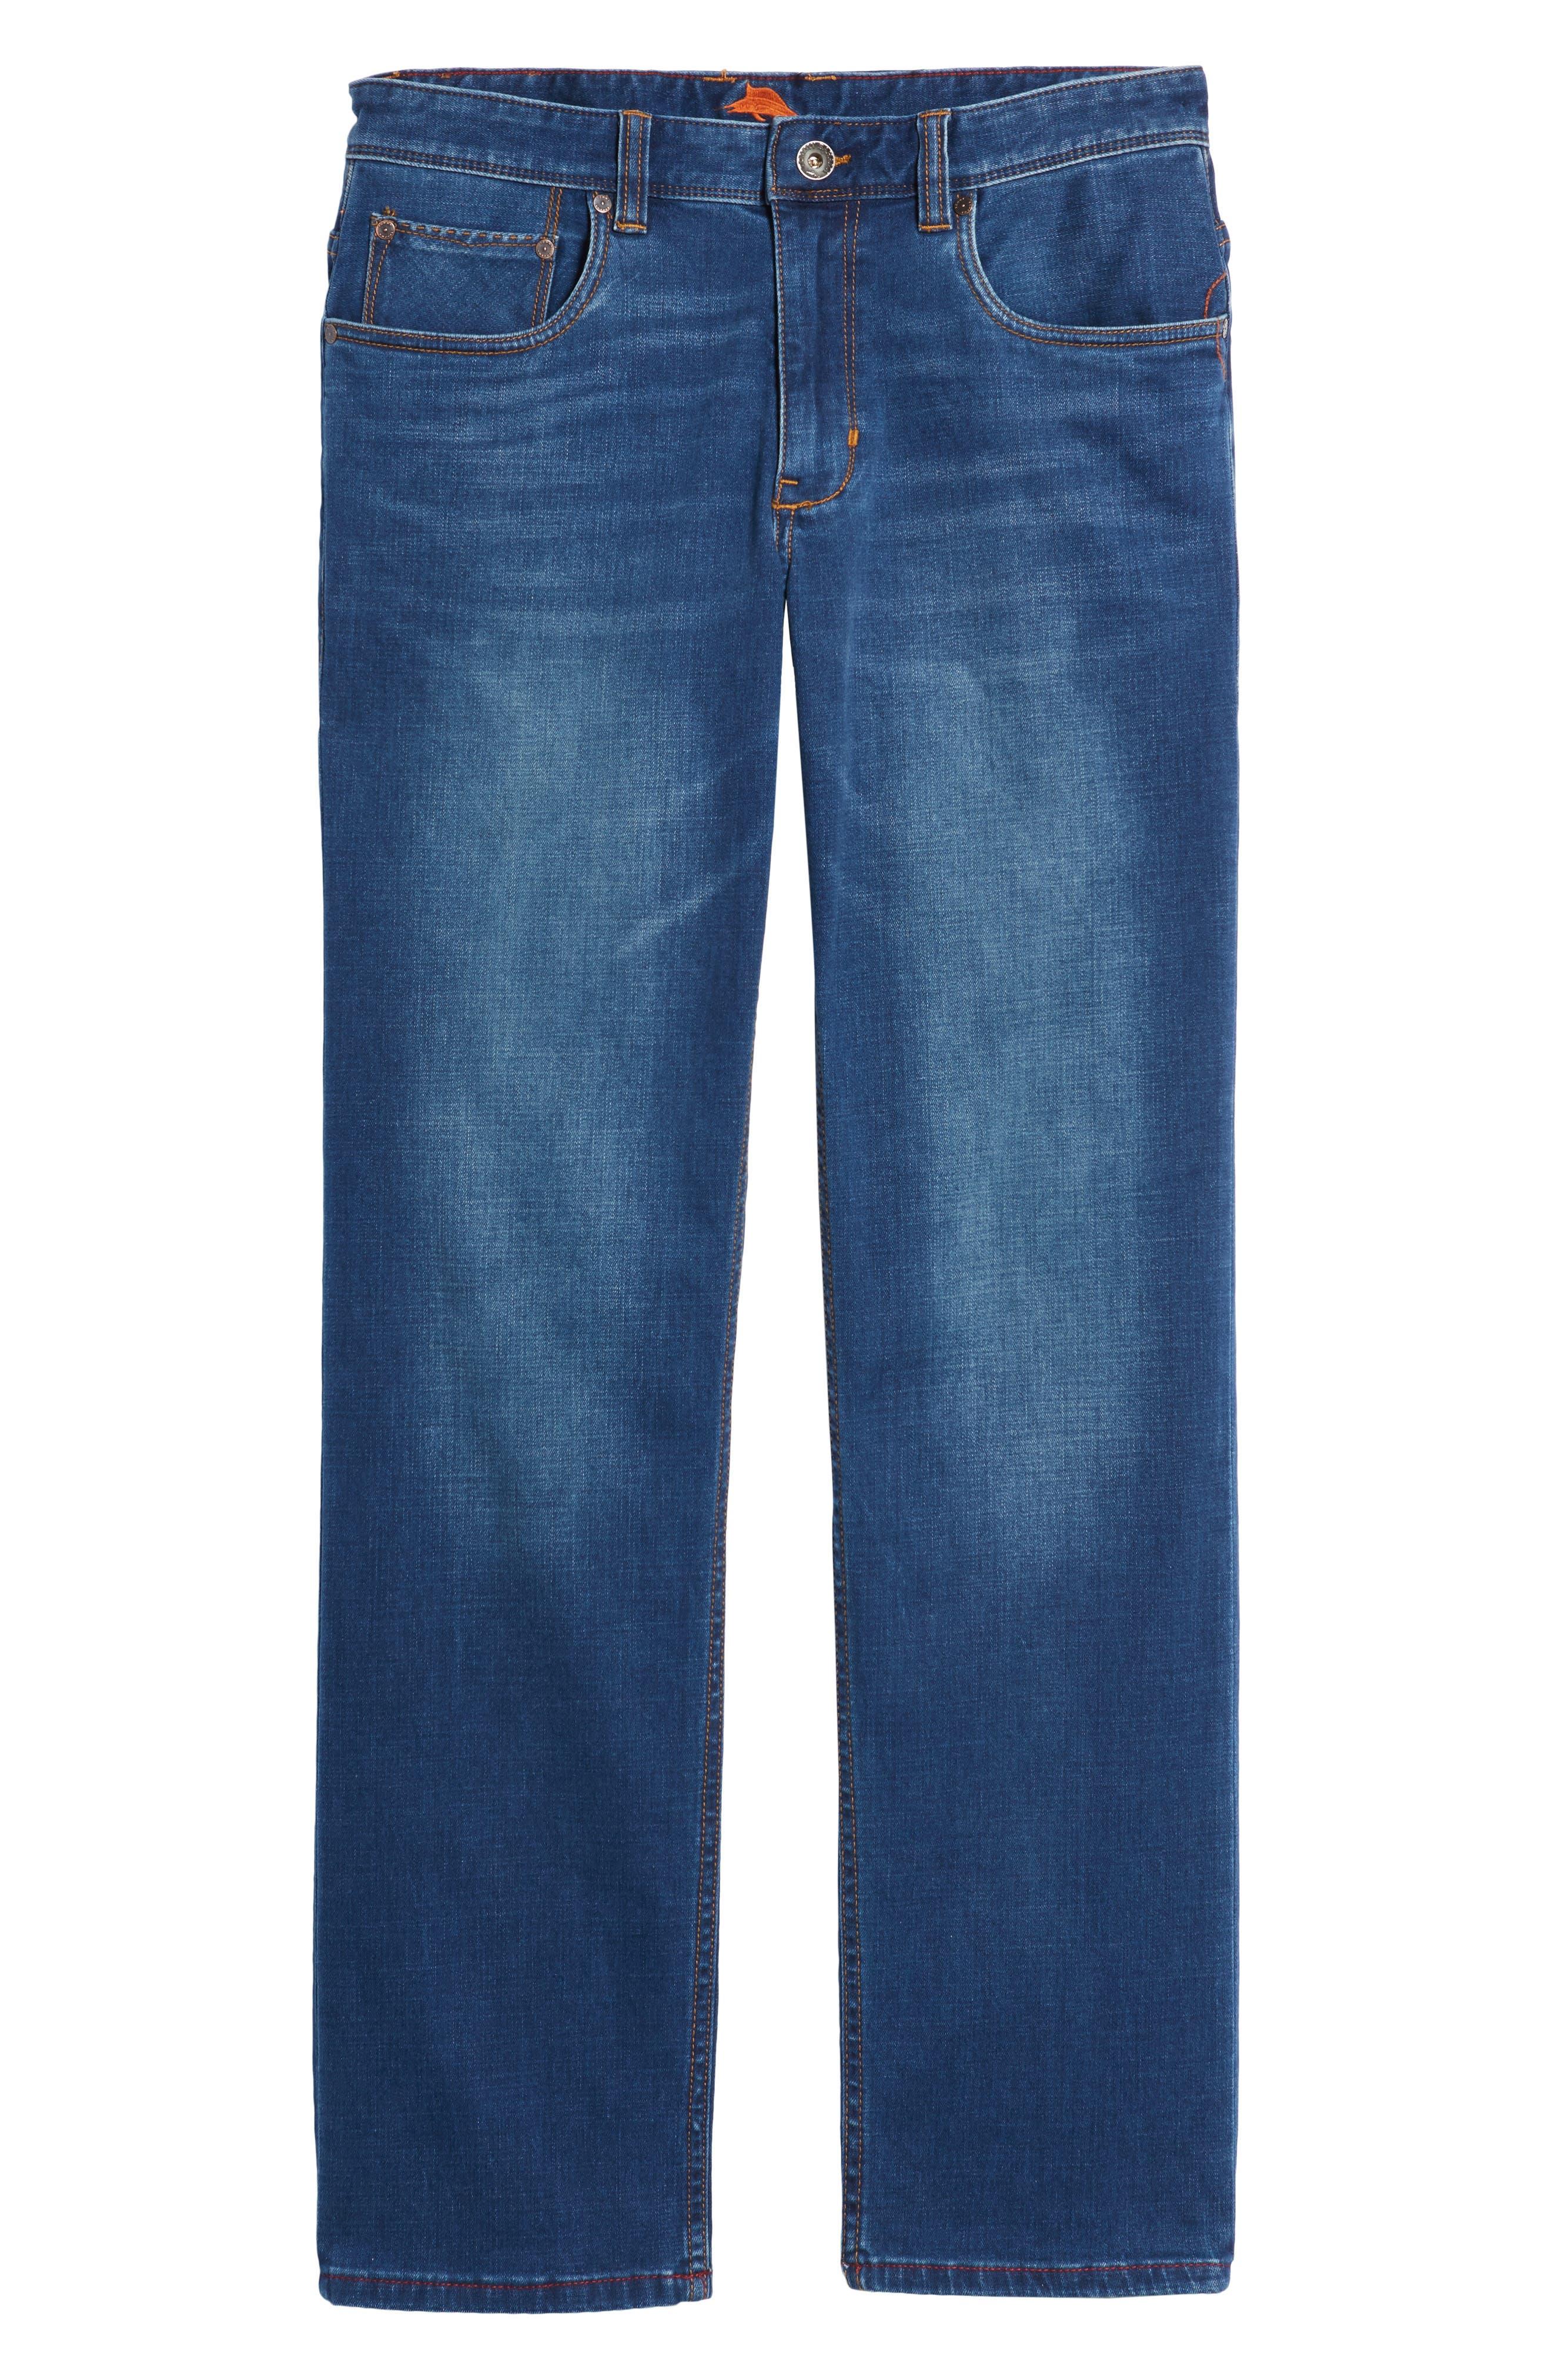 Caicos Authentic Fit Jeans,                             Alternate thumbnail 6, color,